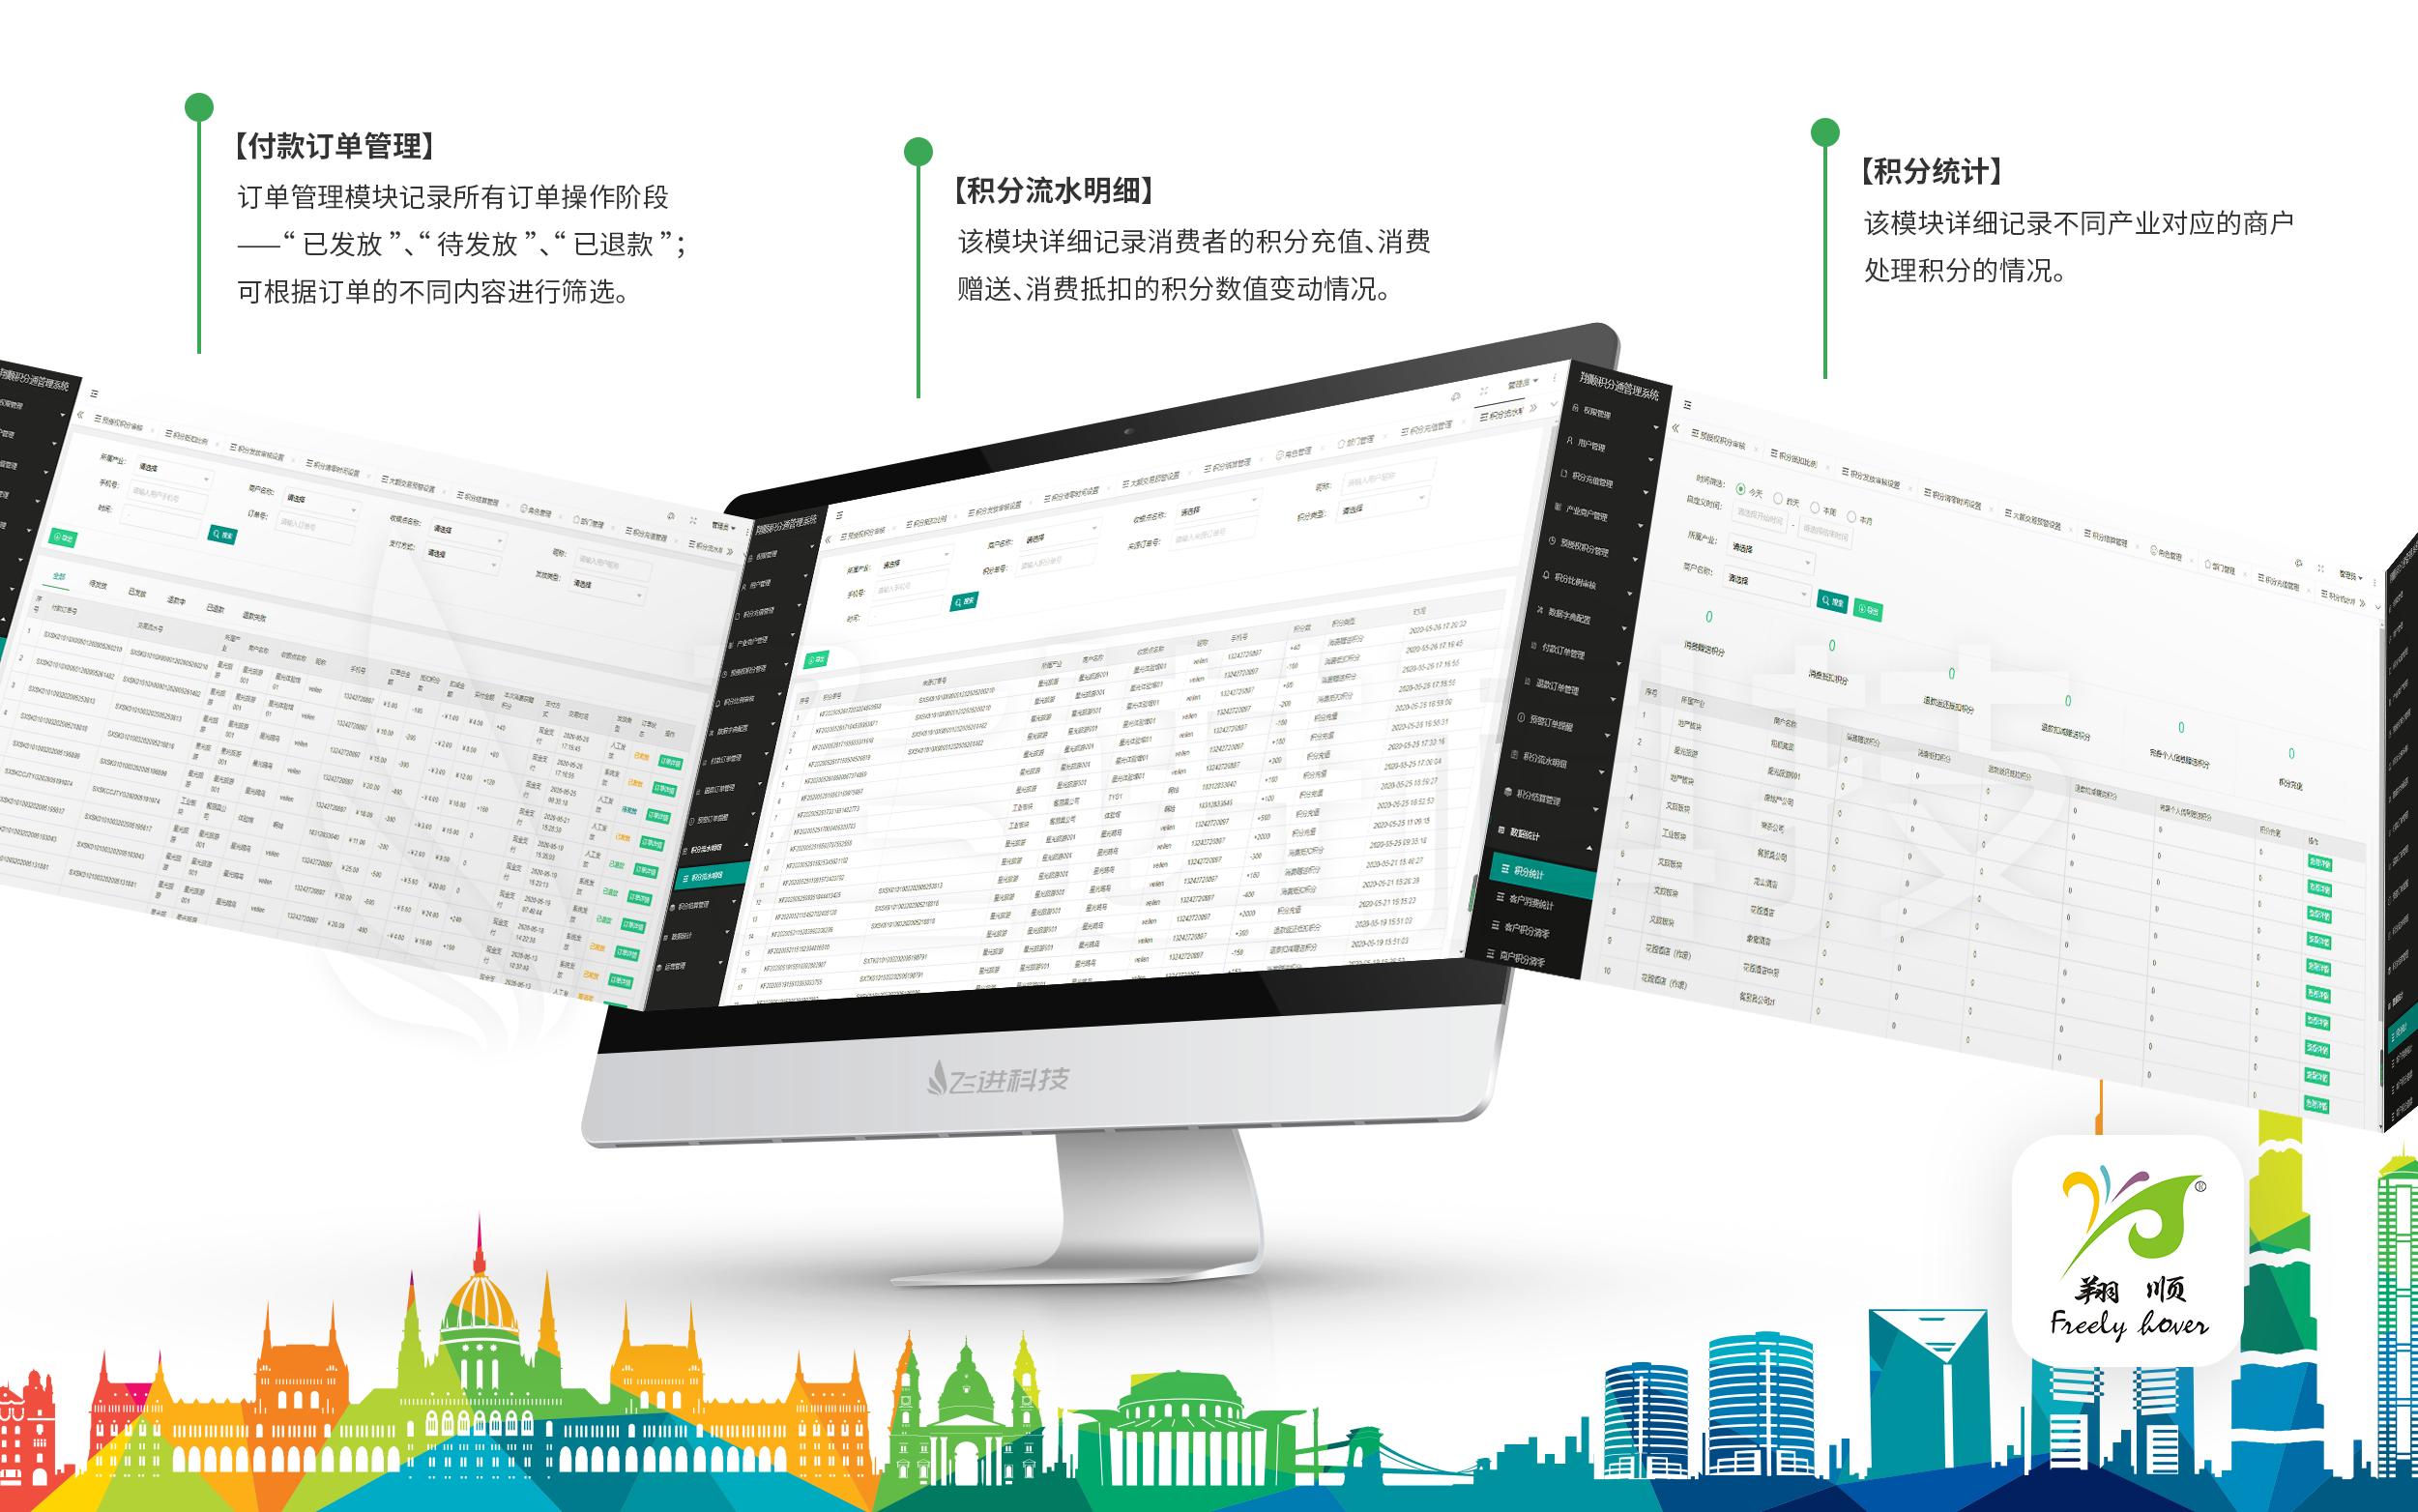 智慧园区综合管理平台智能化管理信息系统智慧园区解决方案